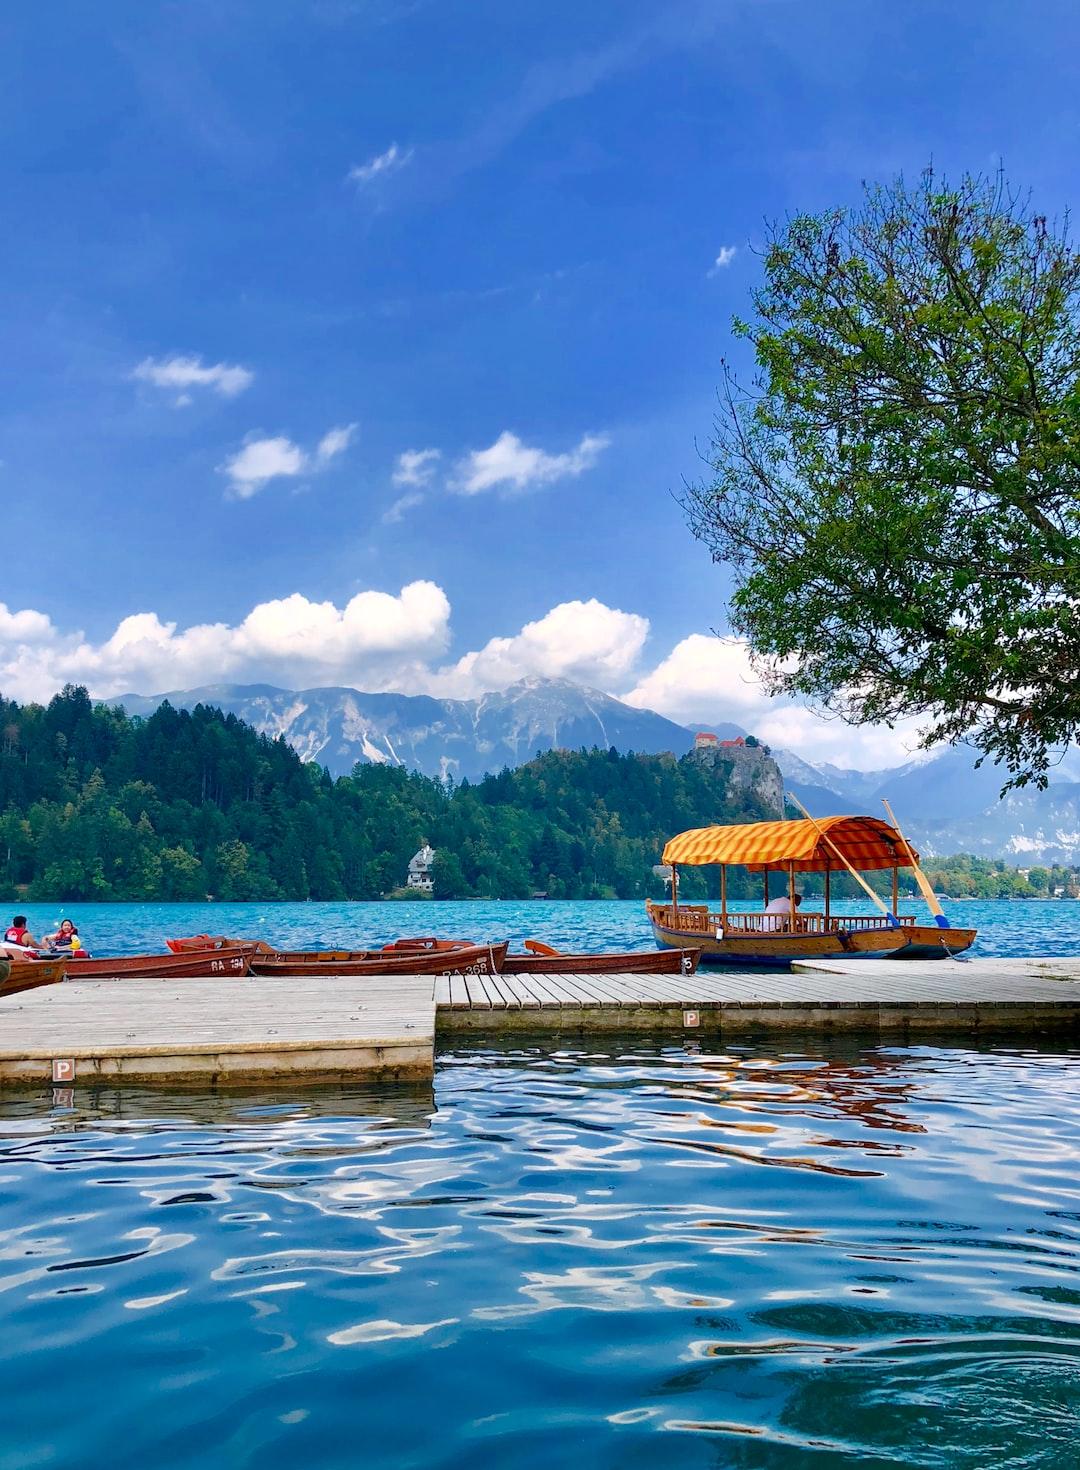 Boats at Lake Bled, Slovenia